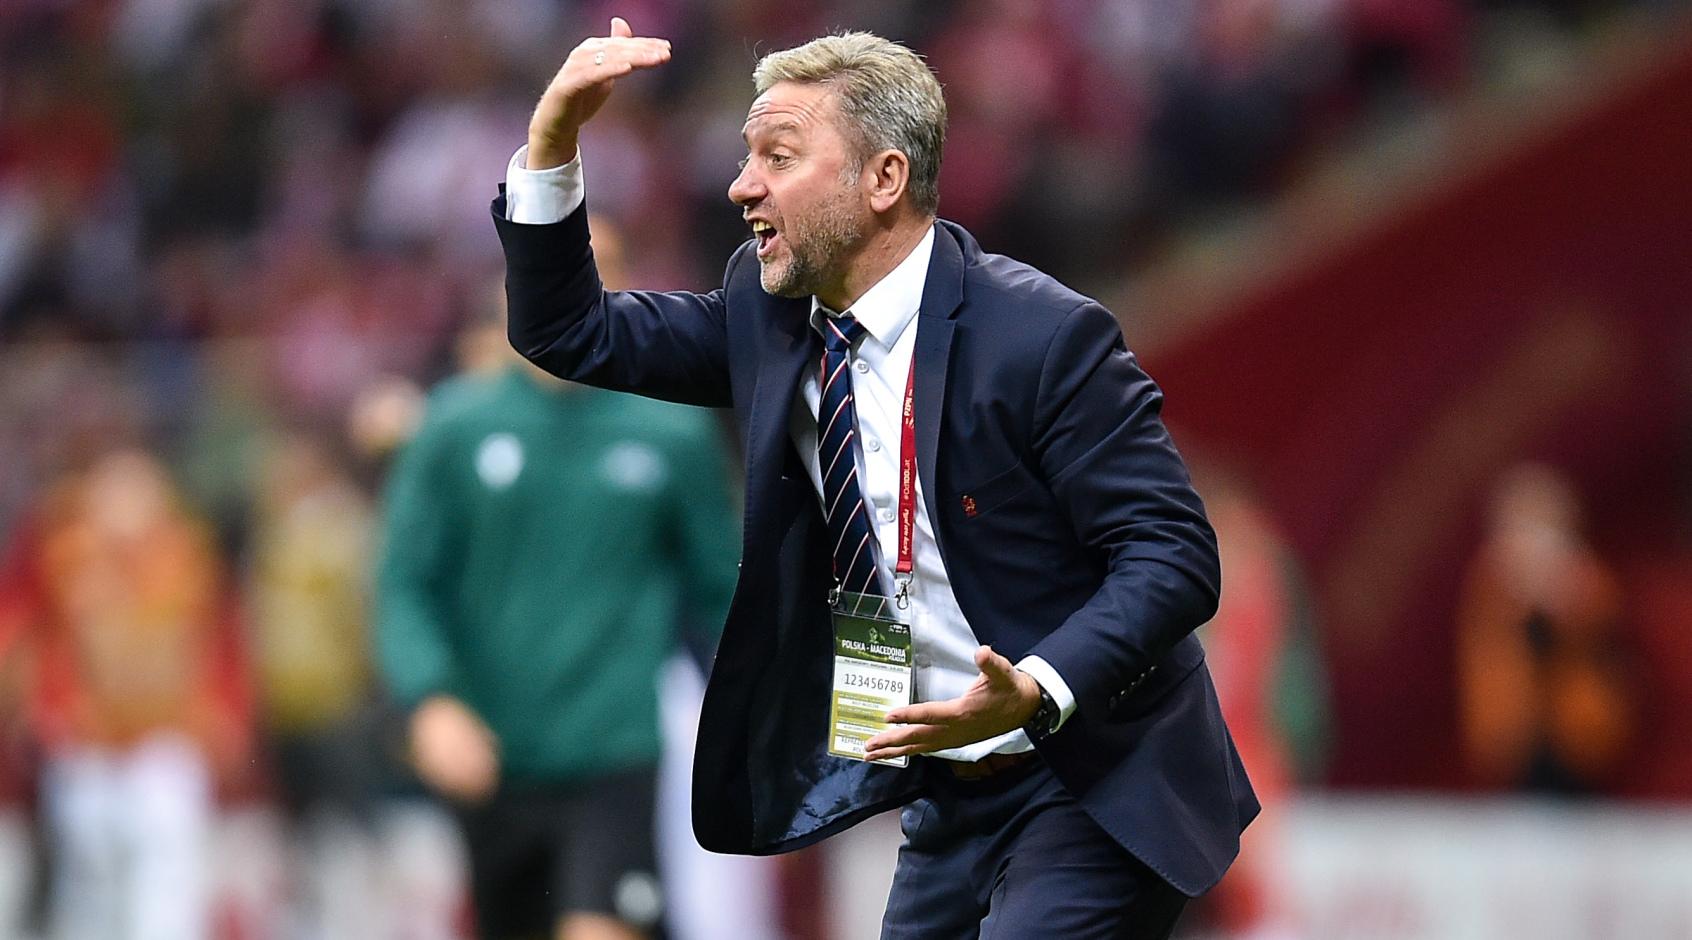 Главный тренер сборной Польши Ежи Бржечек отправлен в отставку